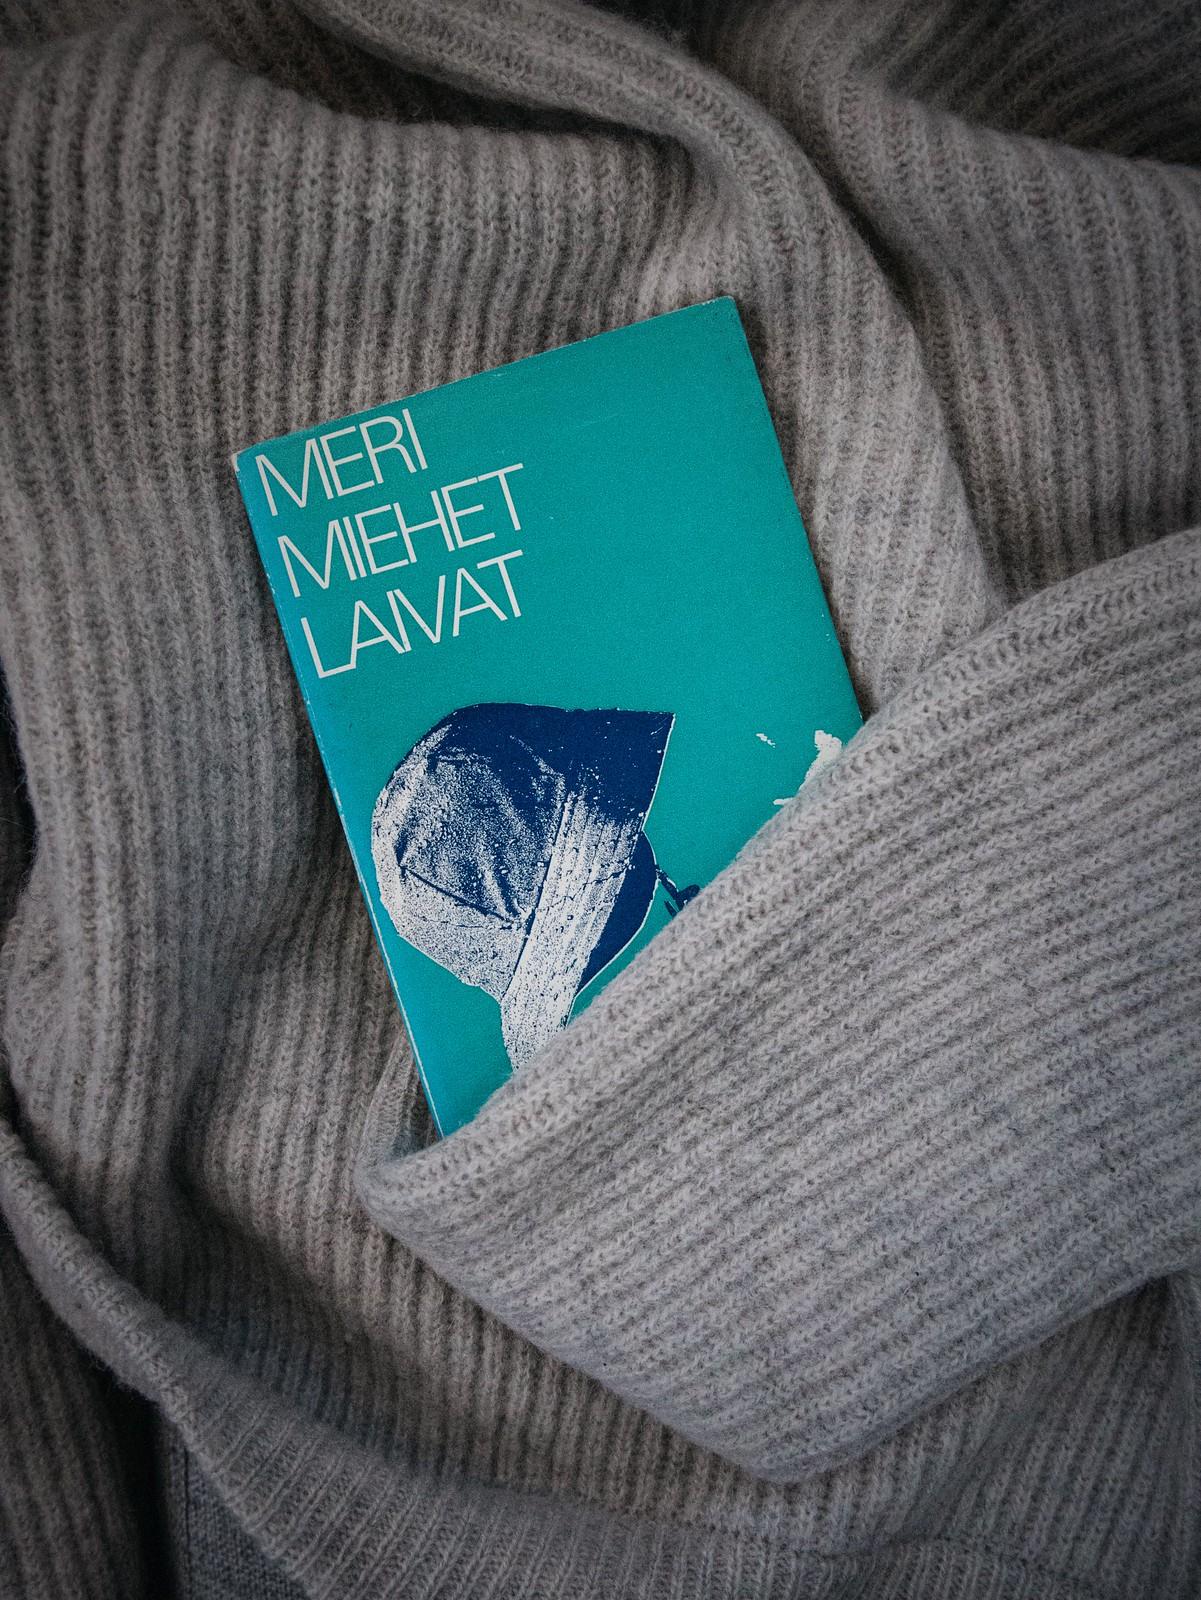 Meri, Miehet, Laivat: Merimiesten runoja